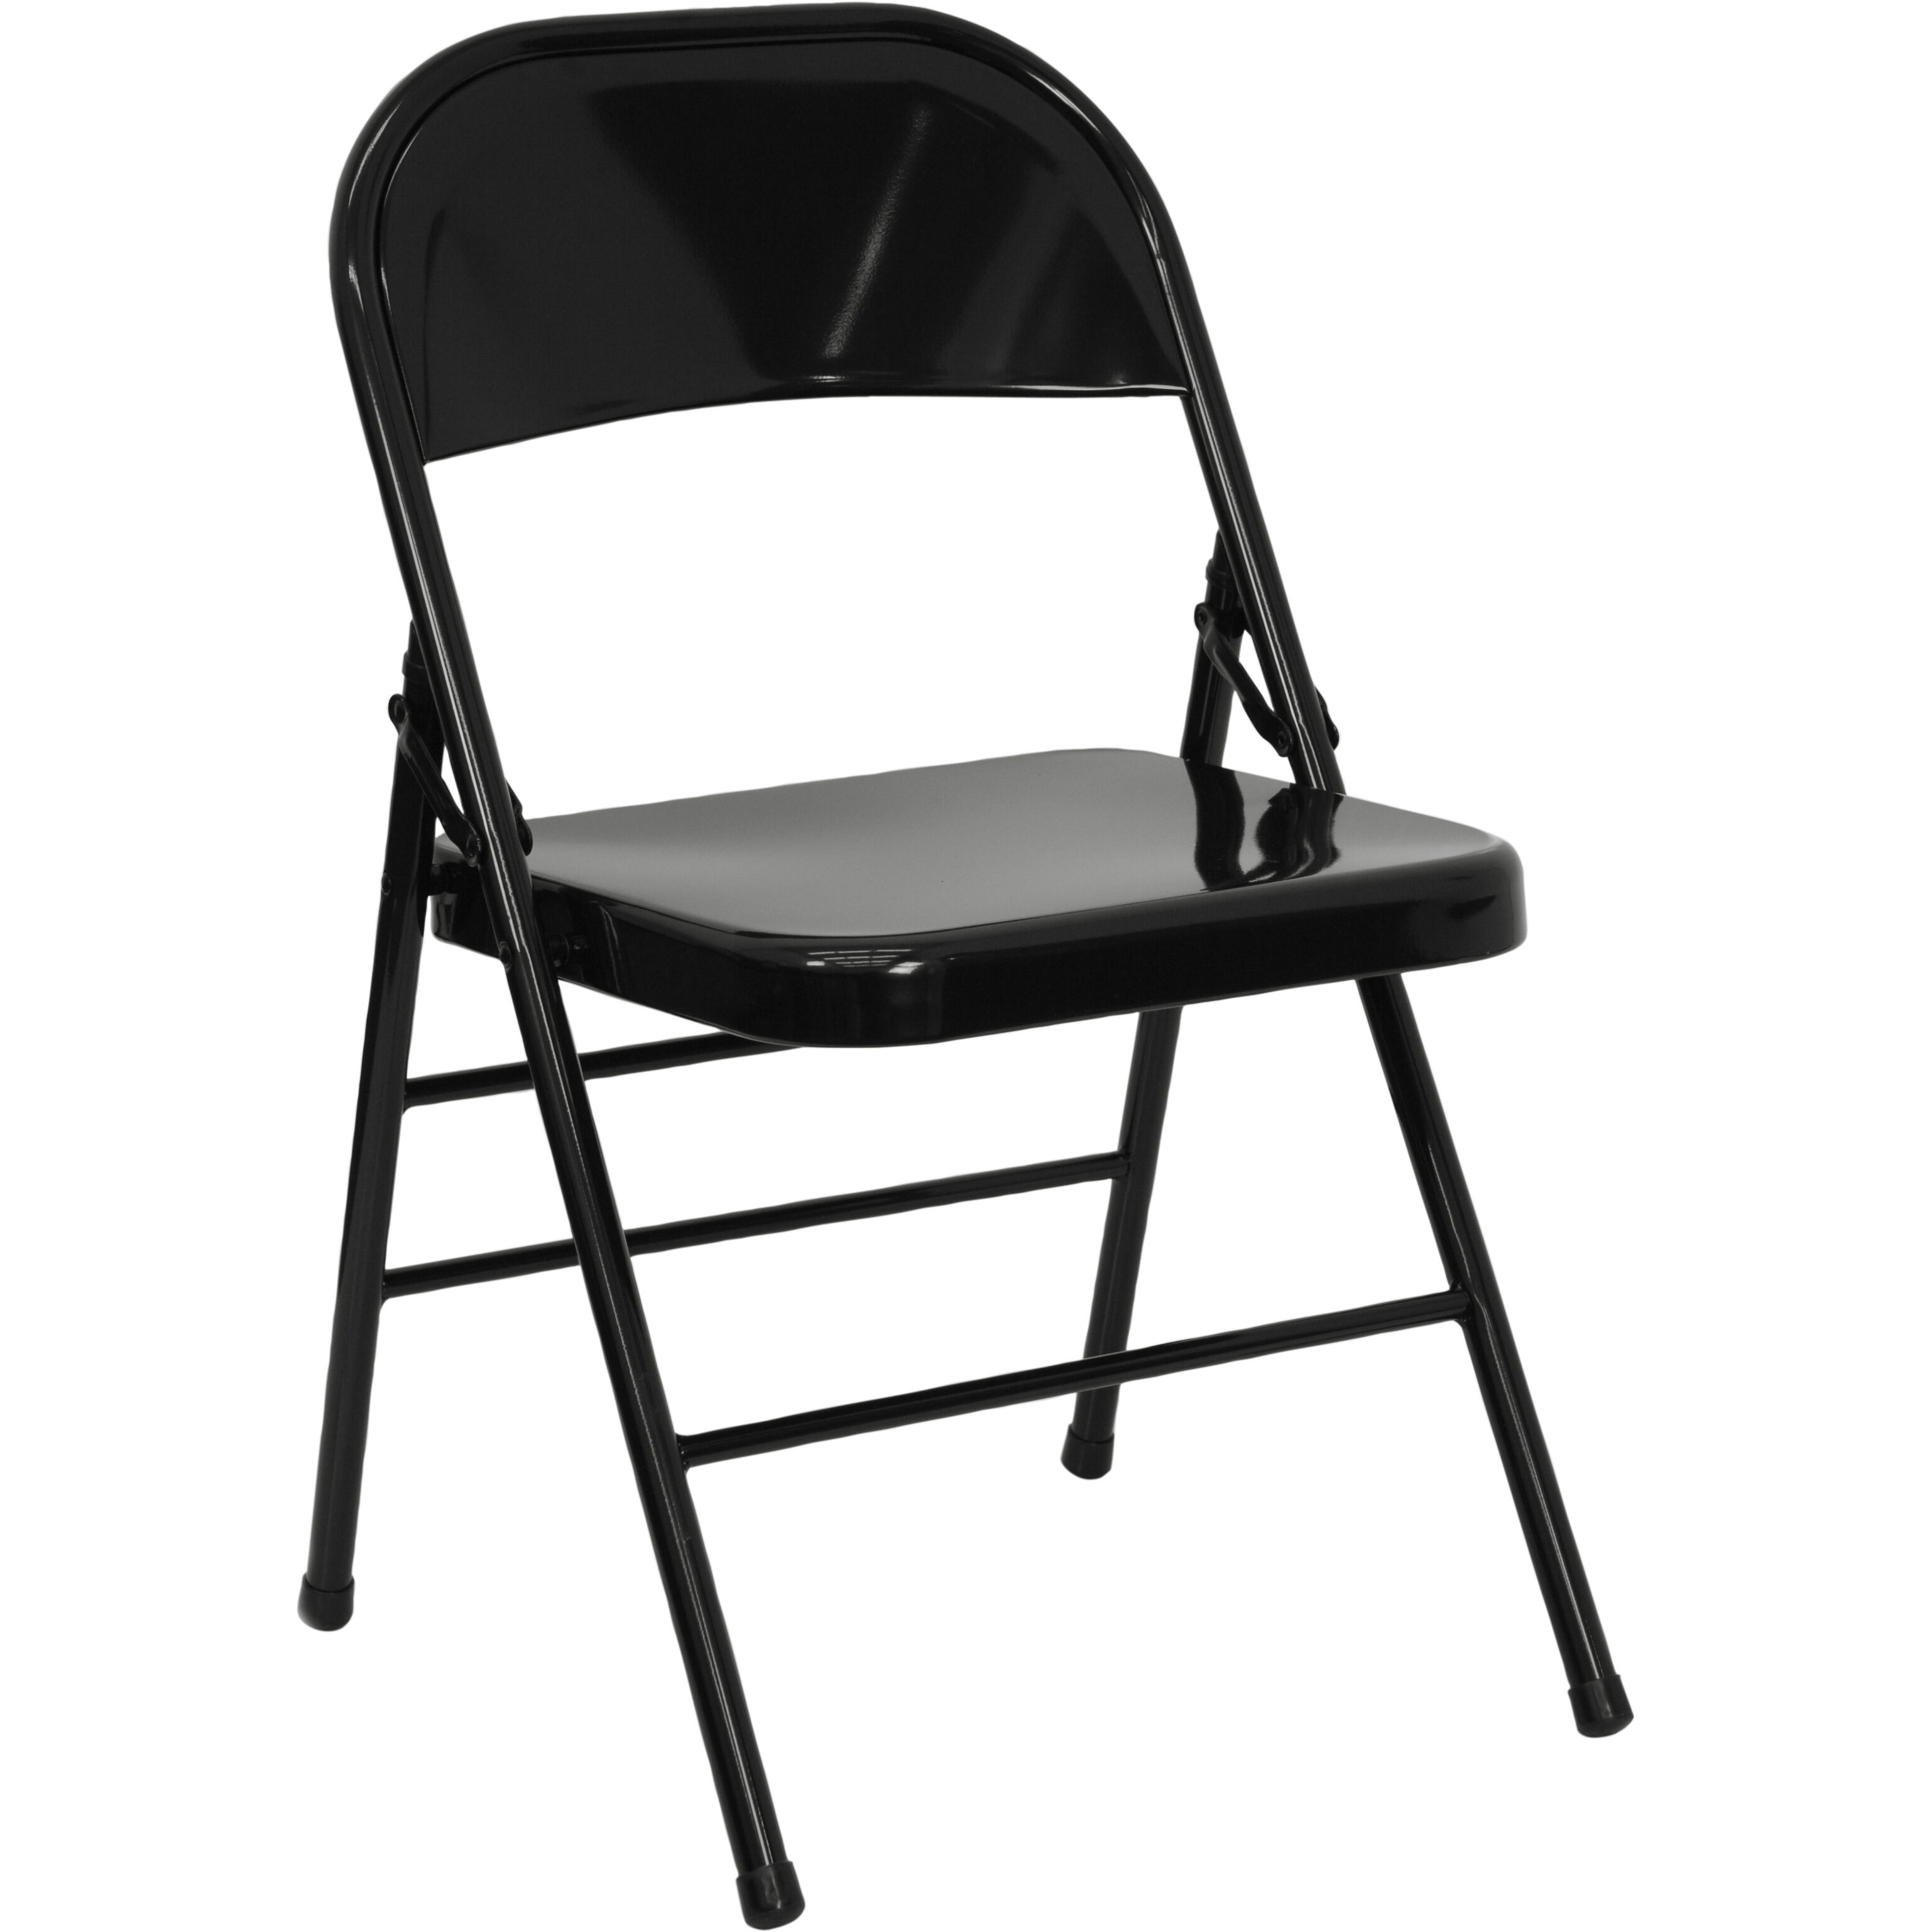 HERCULES Series Triple Braced U0026 Double Hinged Black Metal Folding Chair